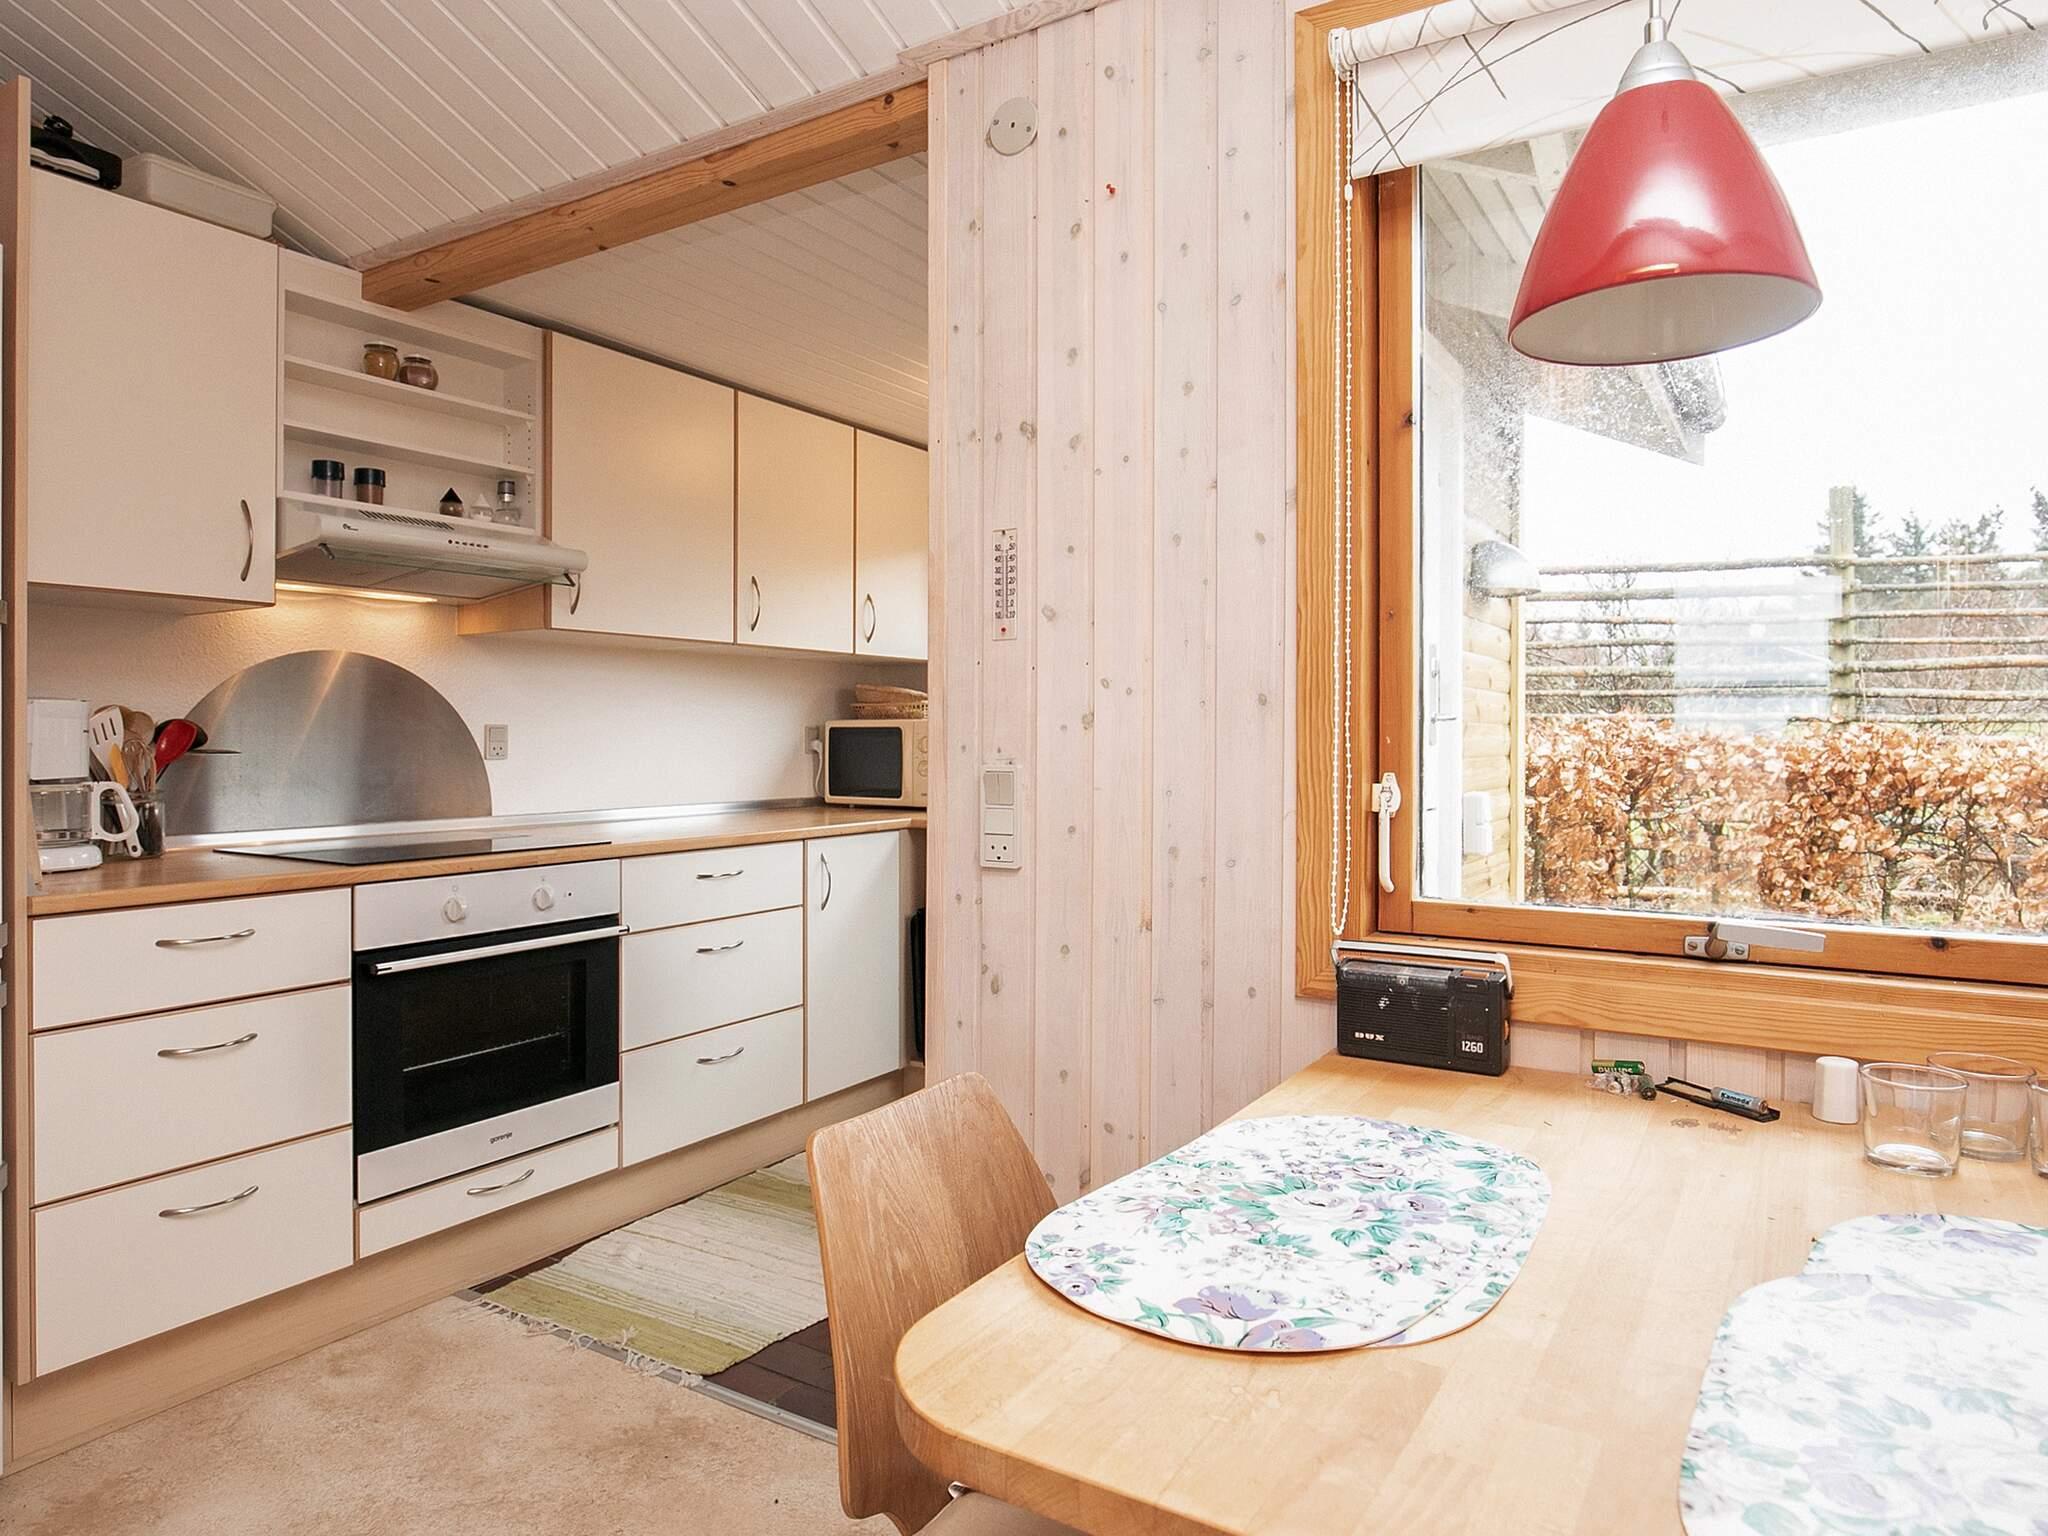 Ferienhaus Kjul Strand (2595175), Hirtshals, , Nordwestjütland, Dänemark, Bild 8